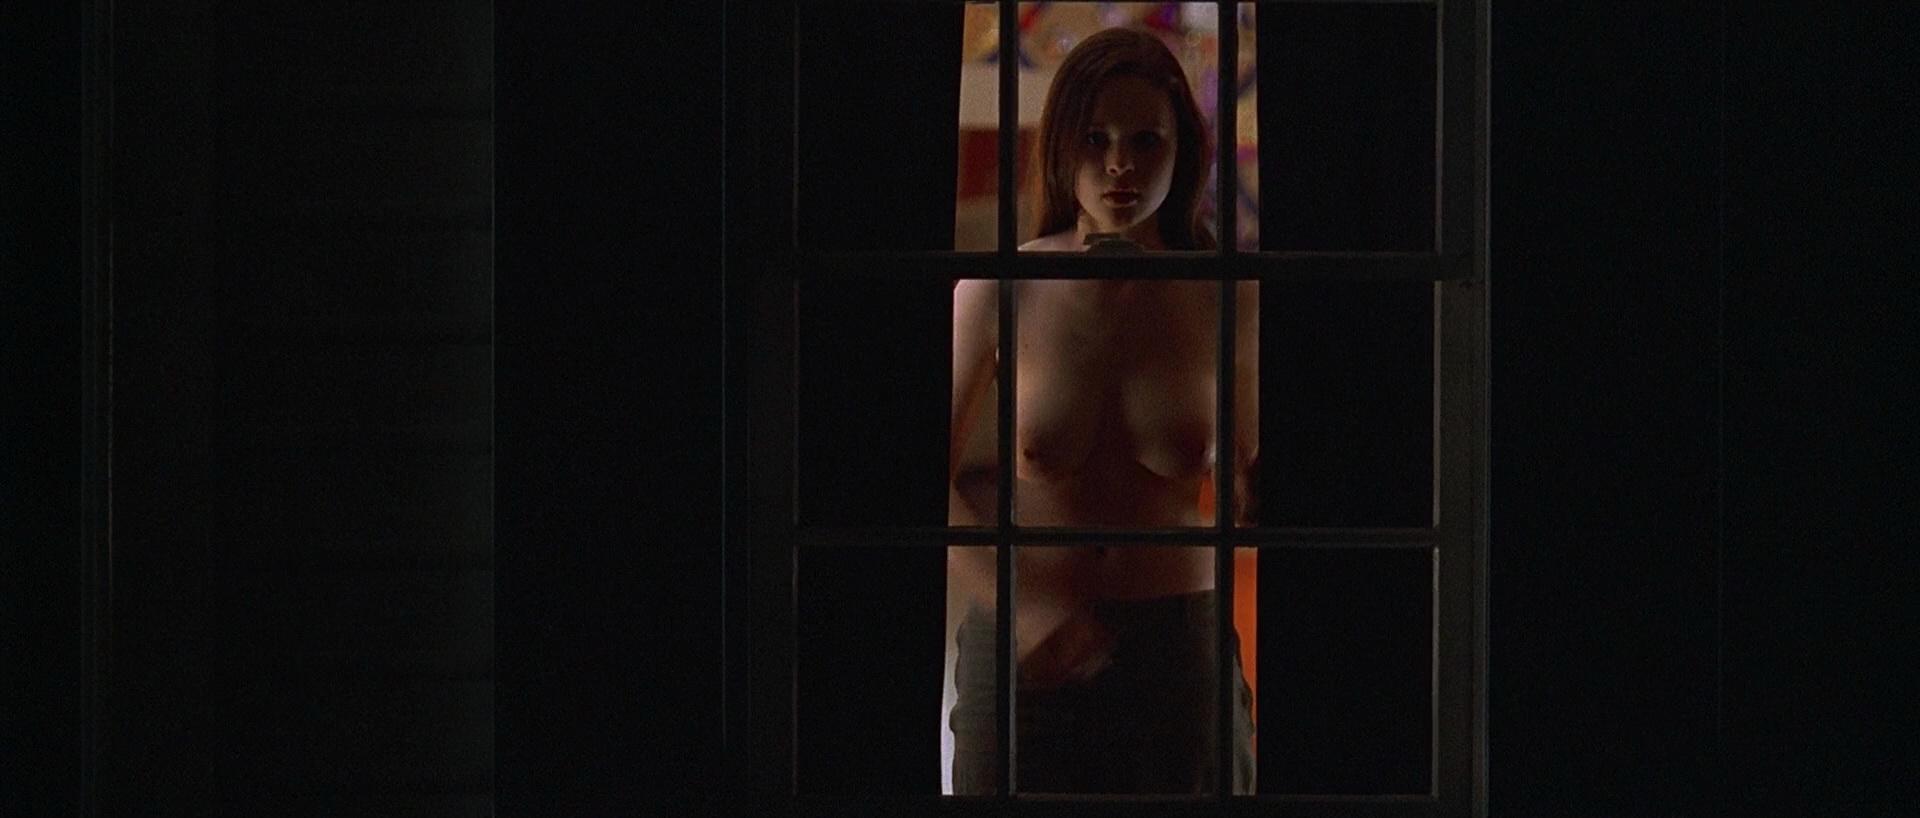 Beauty nude american 8 Films